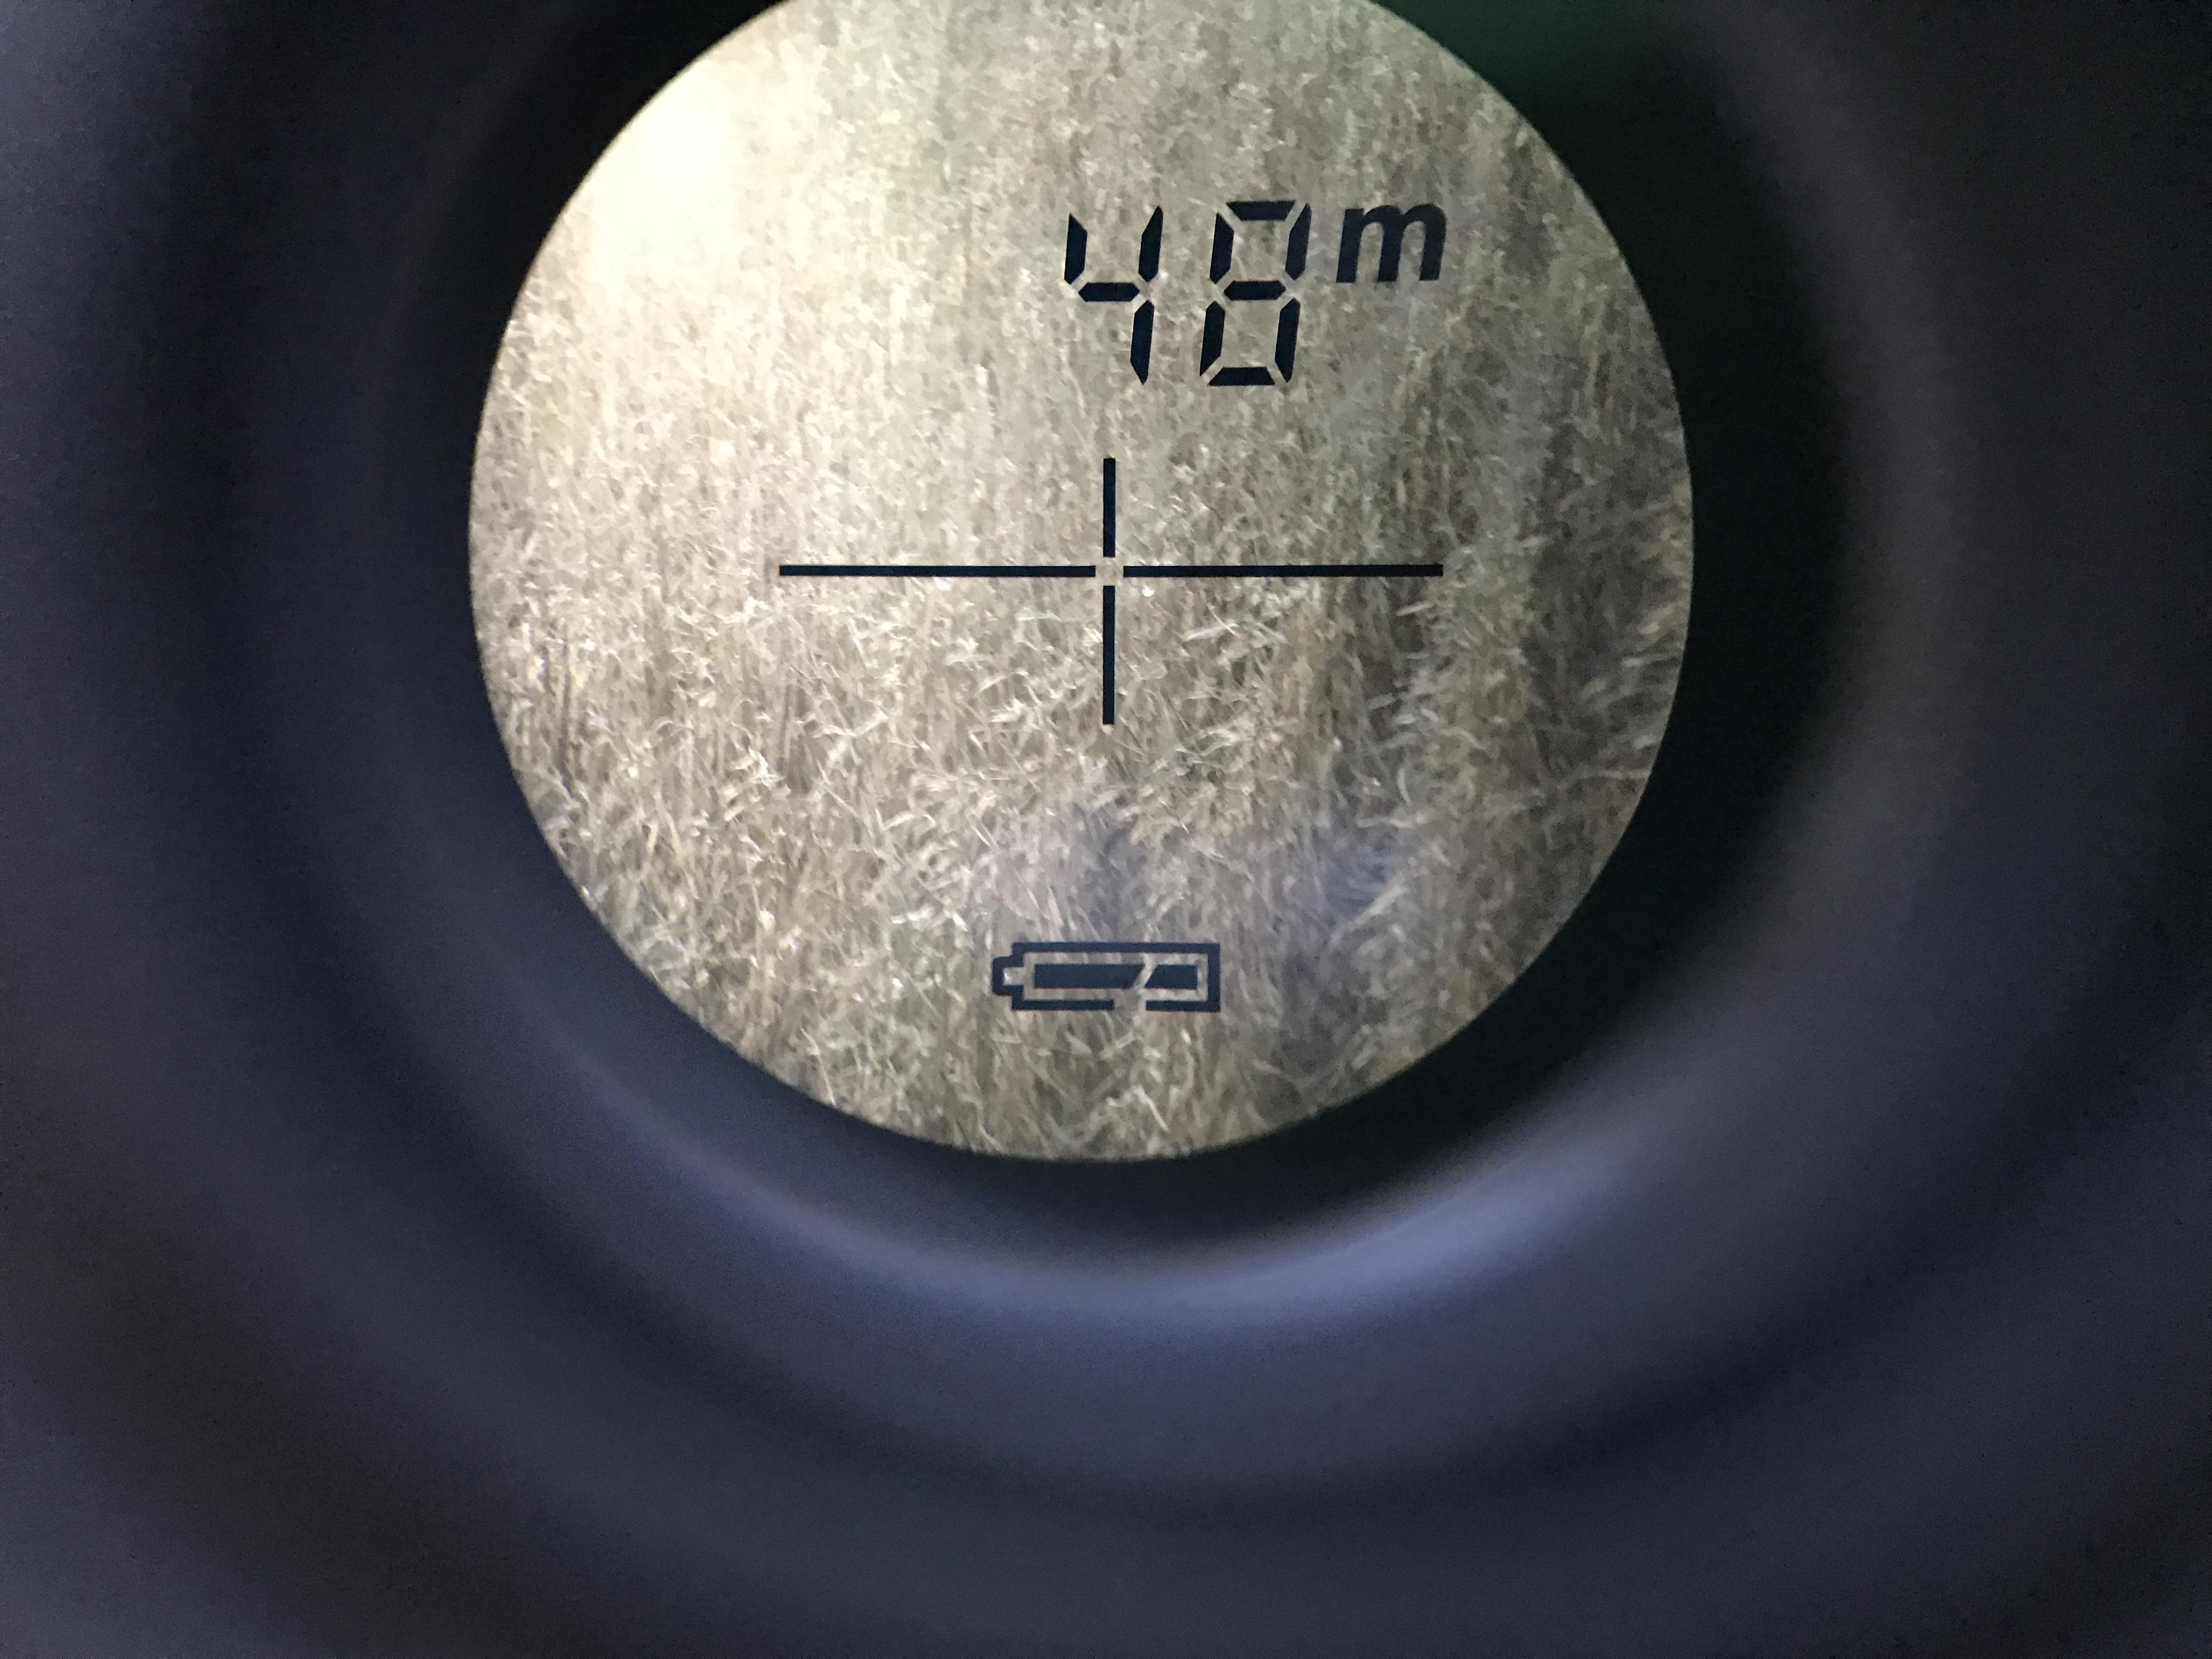 Entfernungsmesser Jagd Nacht : Test nikon aculon al entfernungsmesser u jagd und natur